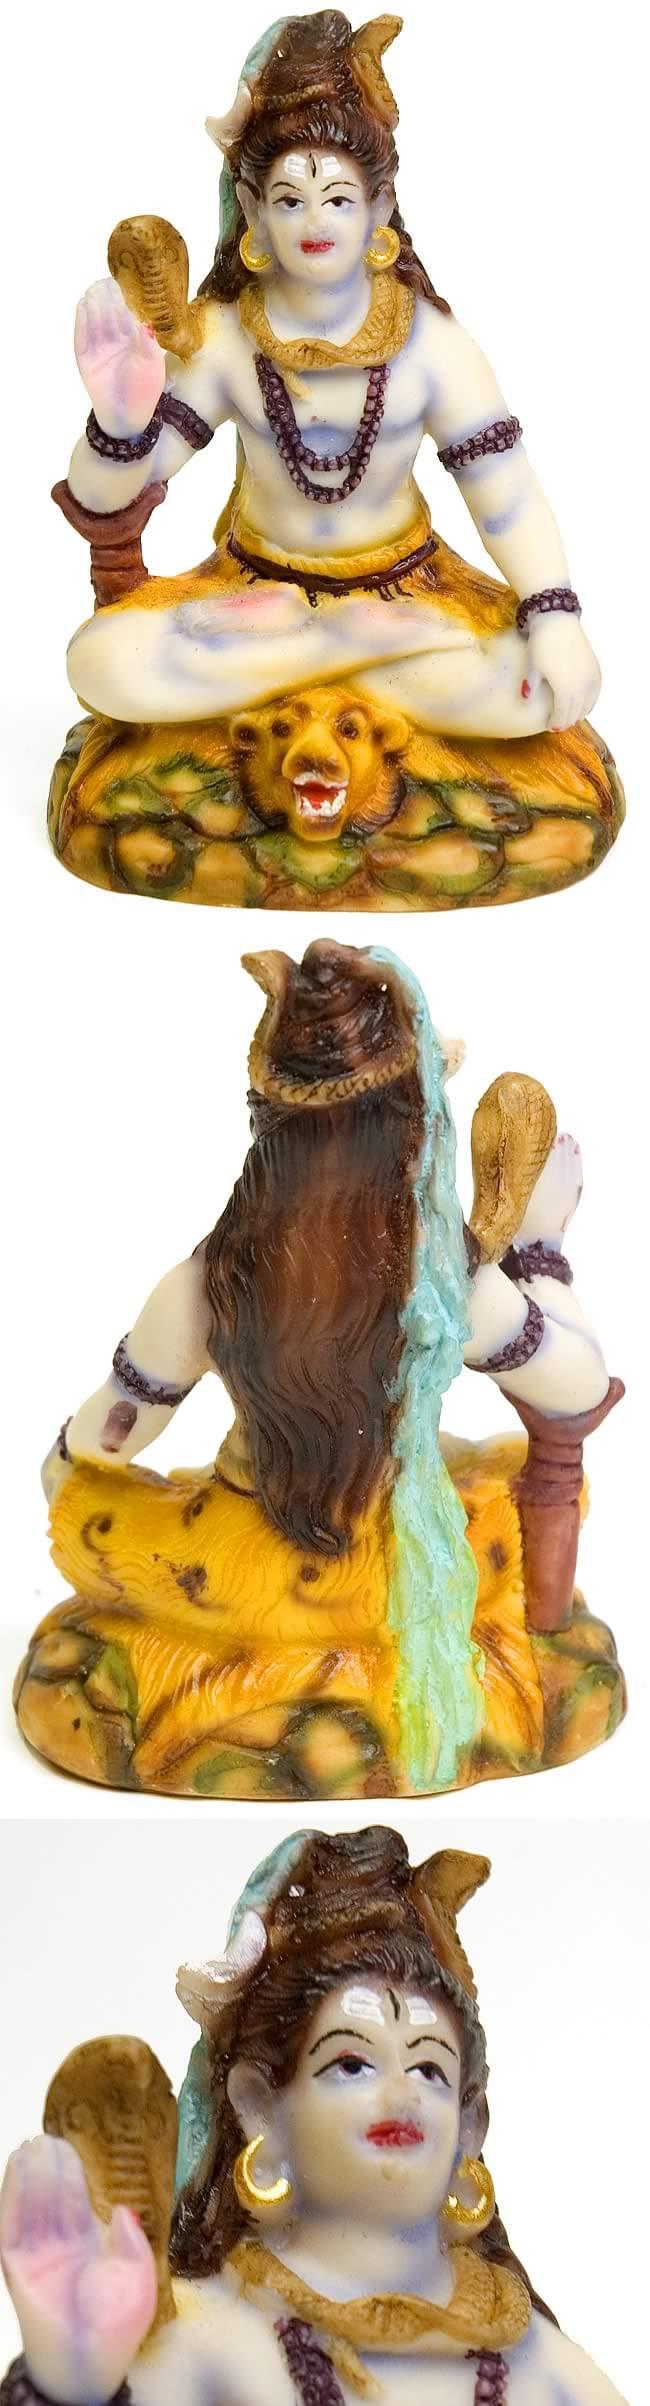 カラフルシヴァ座像の写真1